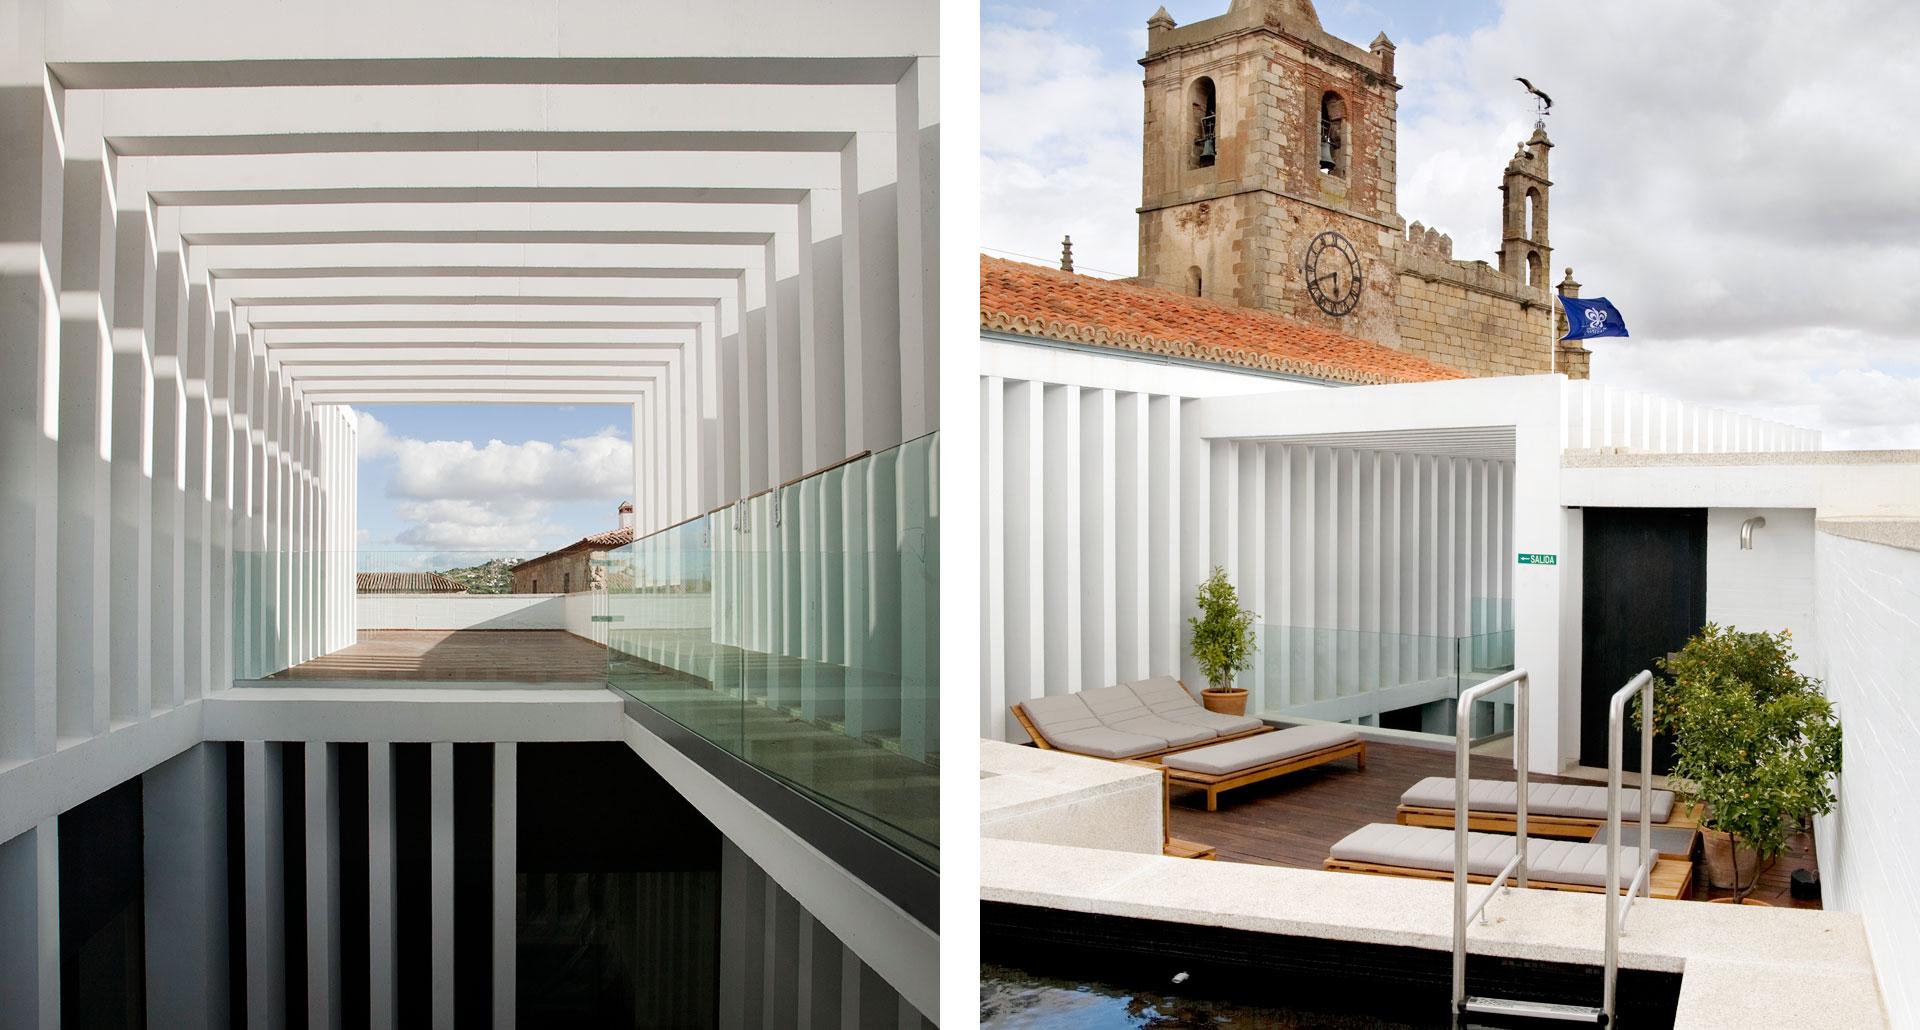 Atrio Restaurante Hotel - boutique hotel in Cáceres